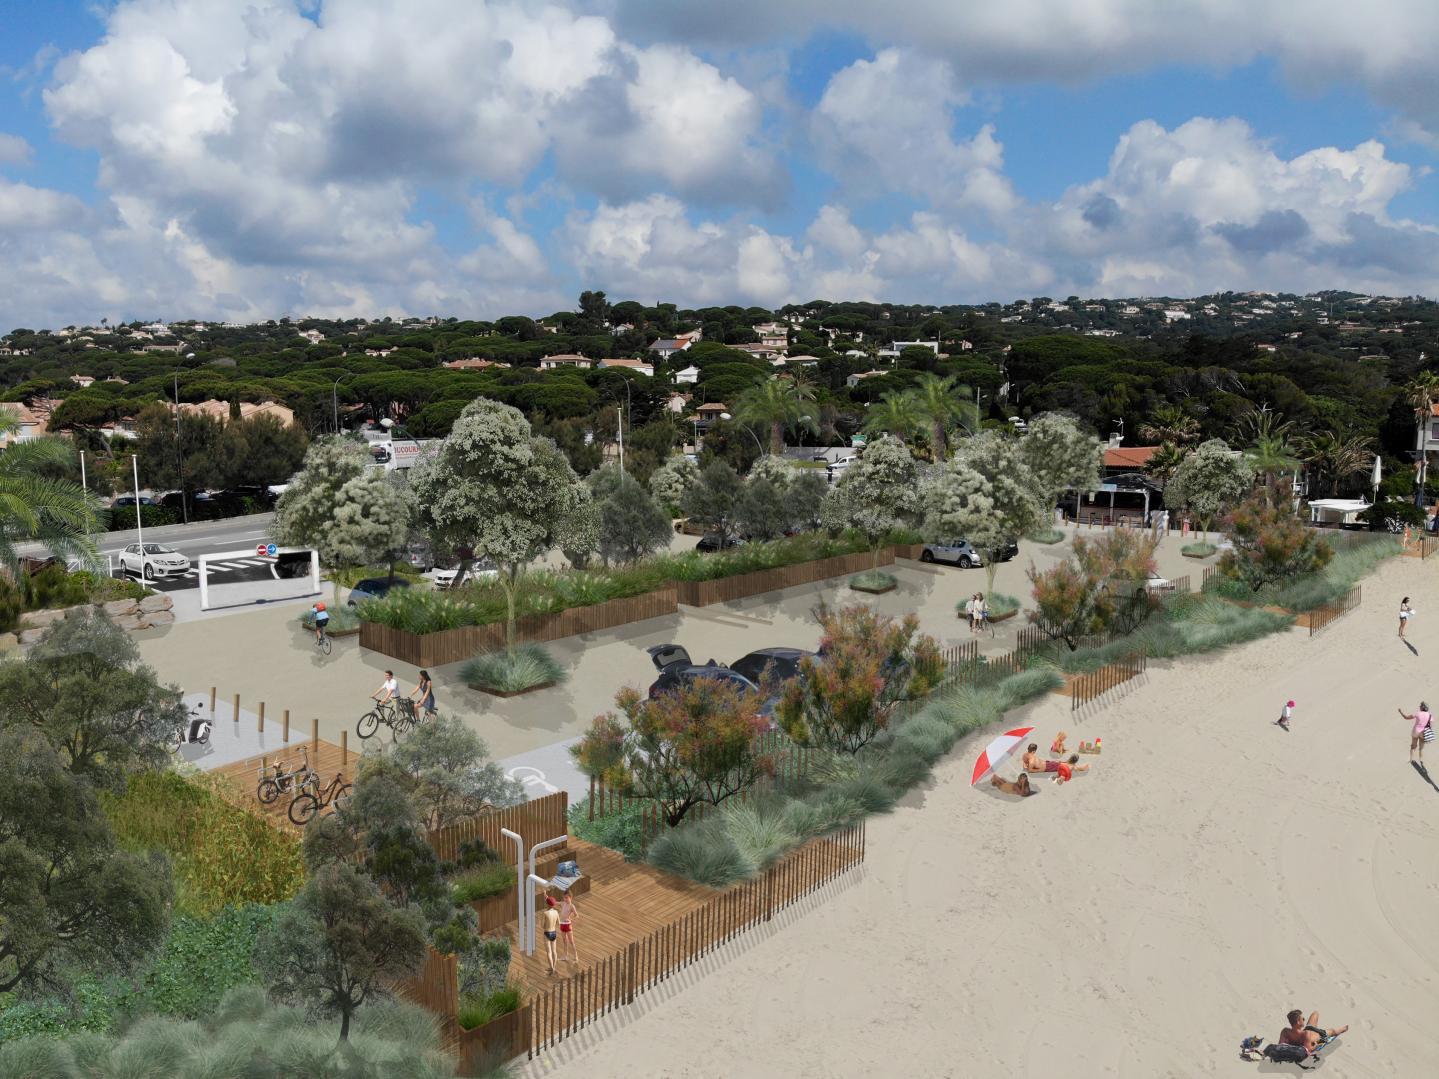 Le parking Nord comme le parking Sud de la plage de la Nartelle feront l'objet d'aménagements paysagers faisant la part belle au végétal. Et le début des travaux pourrait bien être pour 2018 !